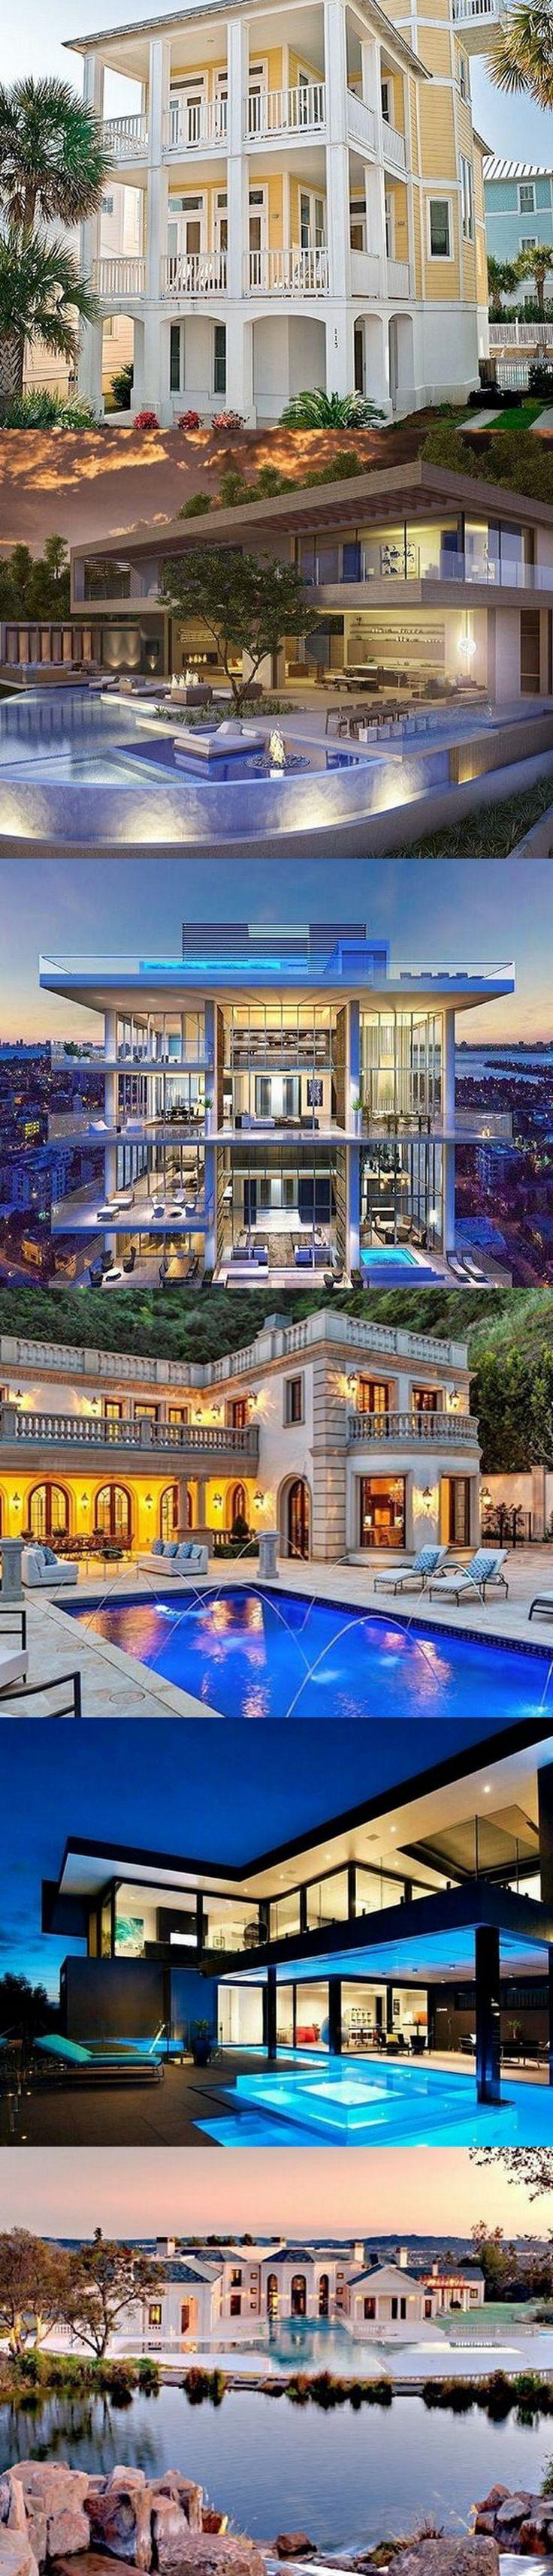 54 Stunning Dream Homes & Mega Mansions From Social Media